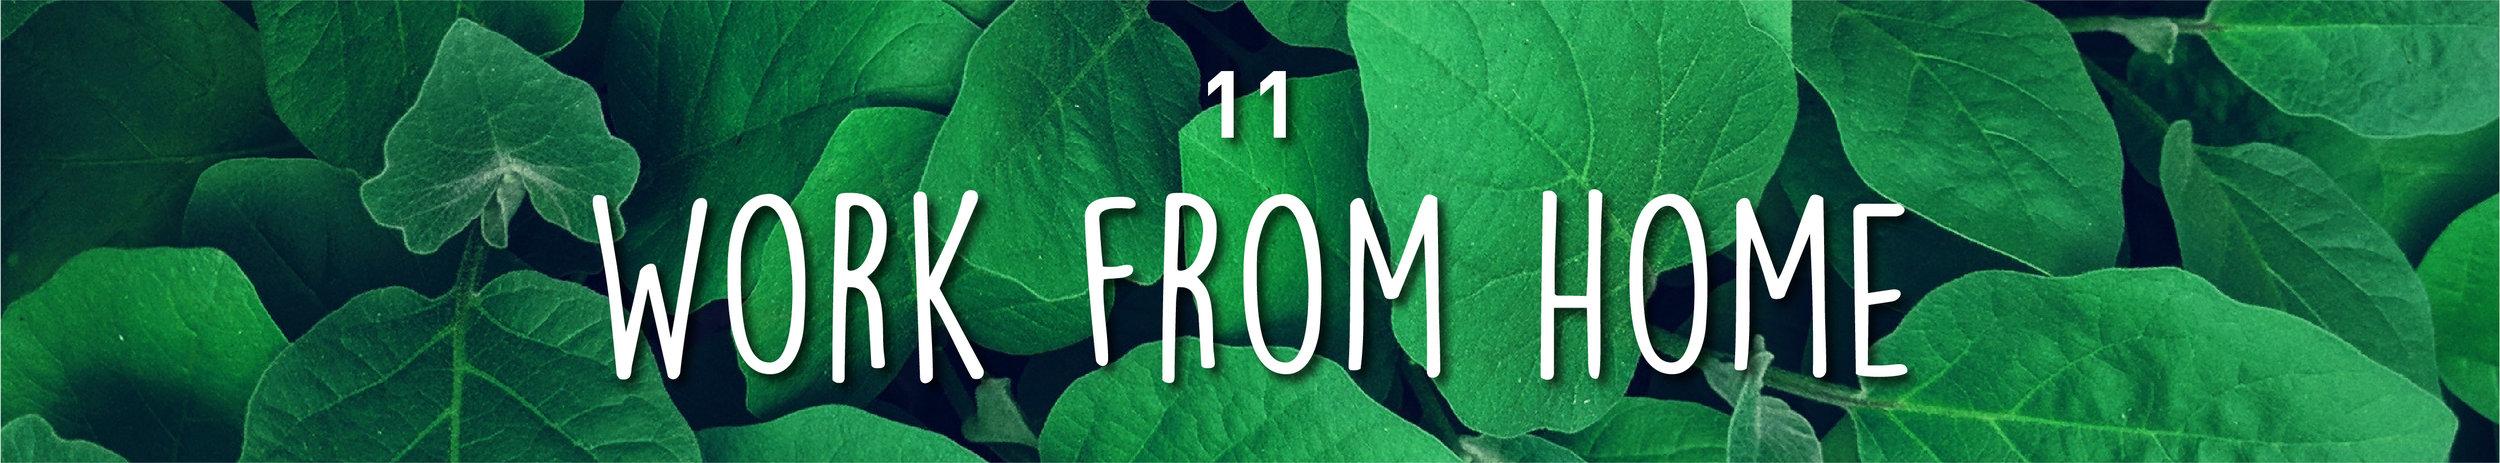 Week34-SustainableMarketing_InBlog_1 copy 23.jpg